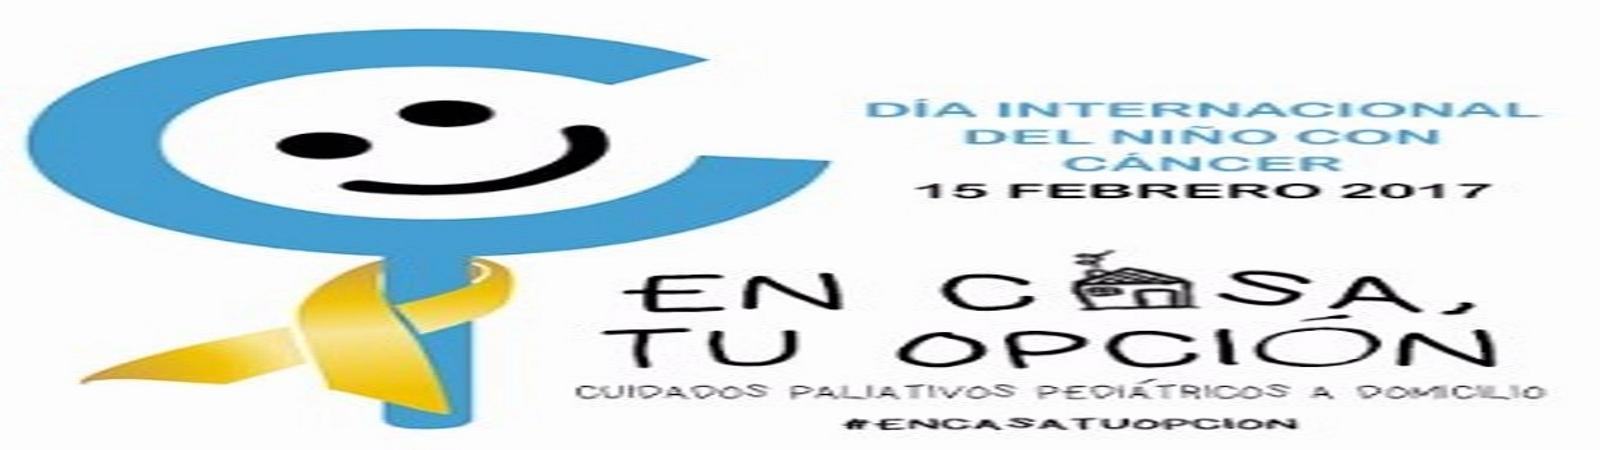 Día Internacional del Niño con Cáncer 2017